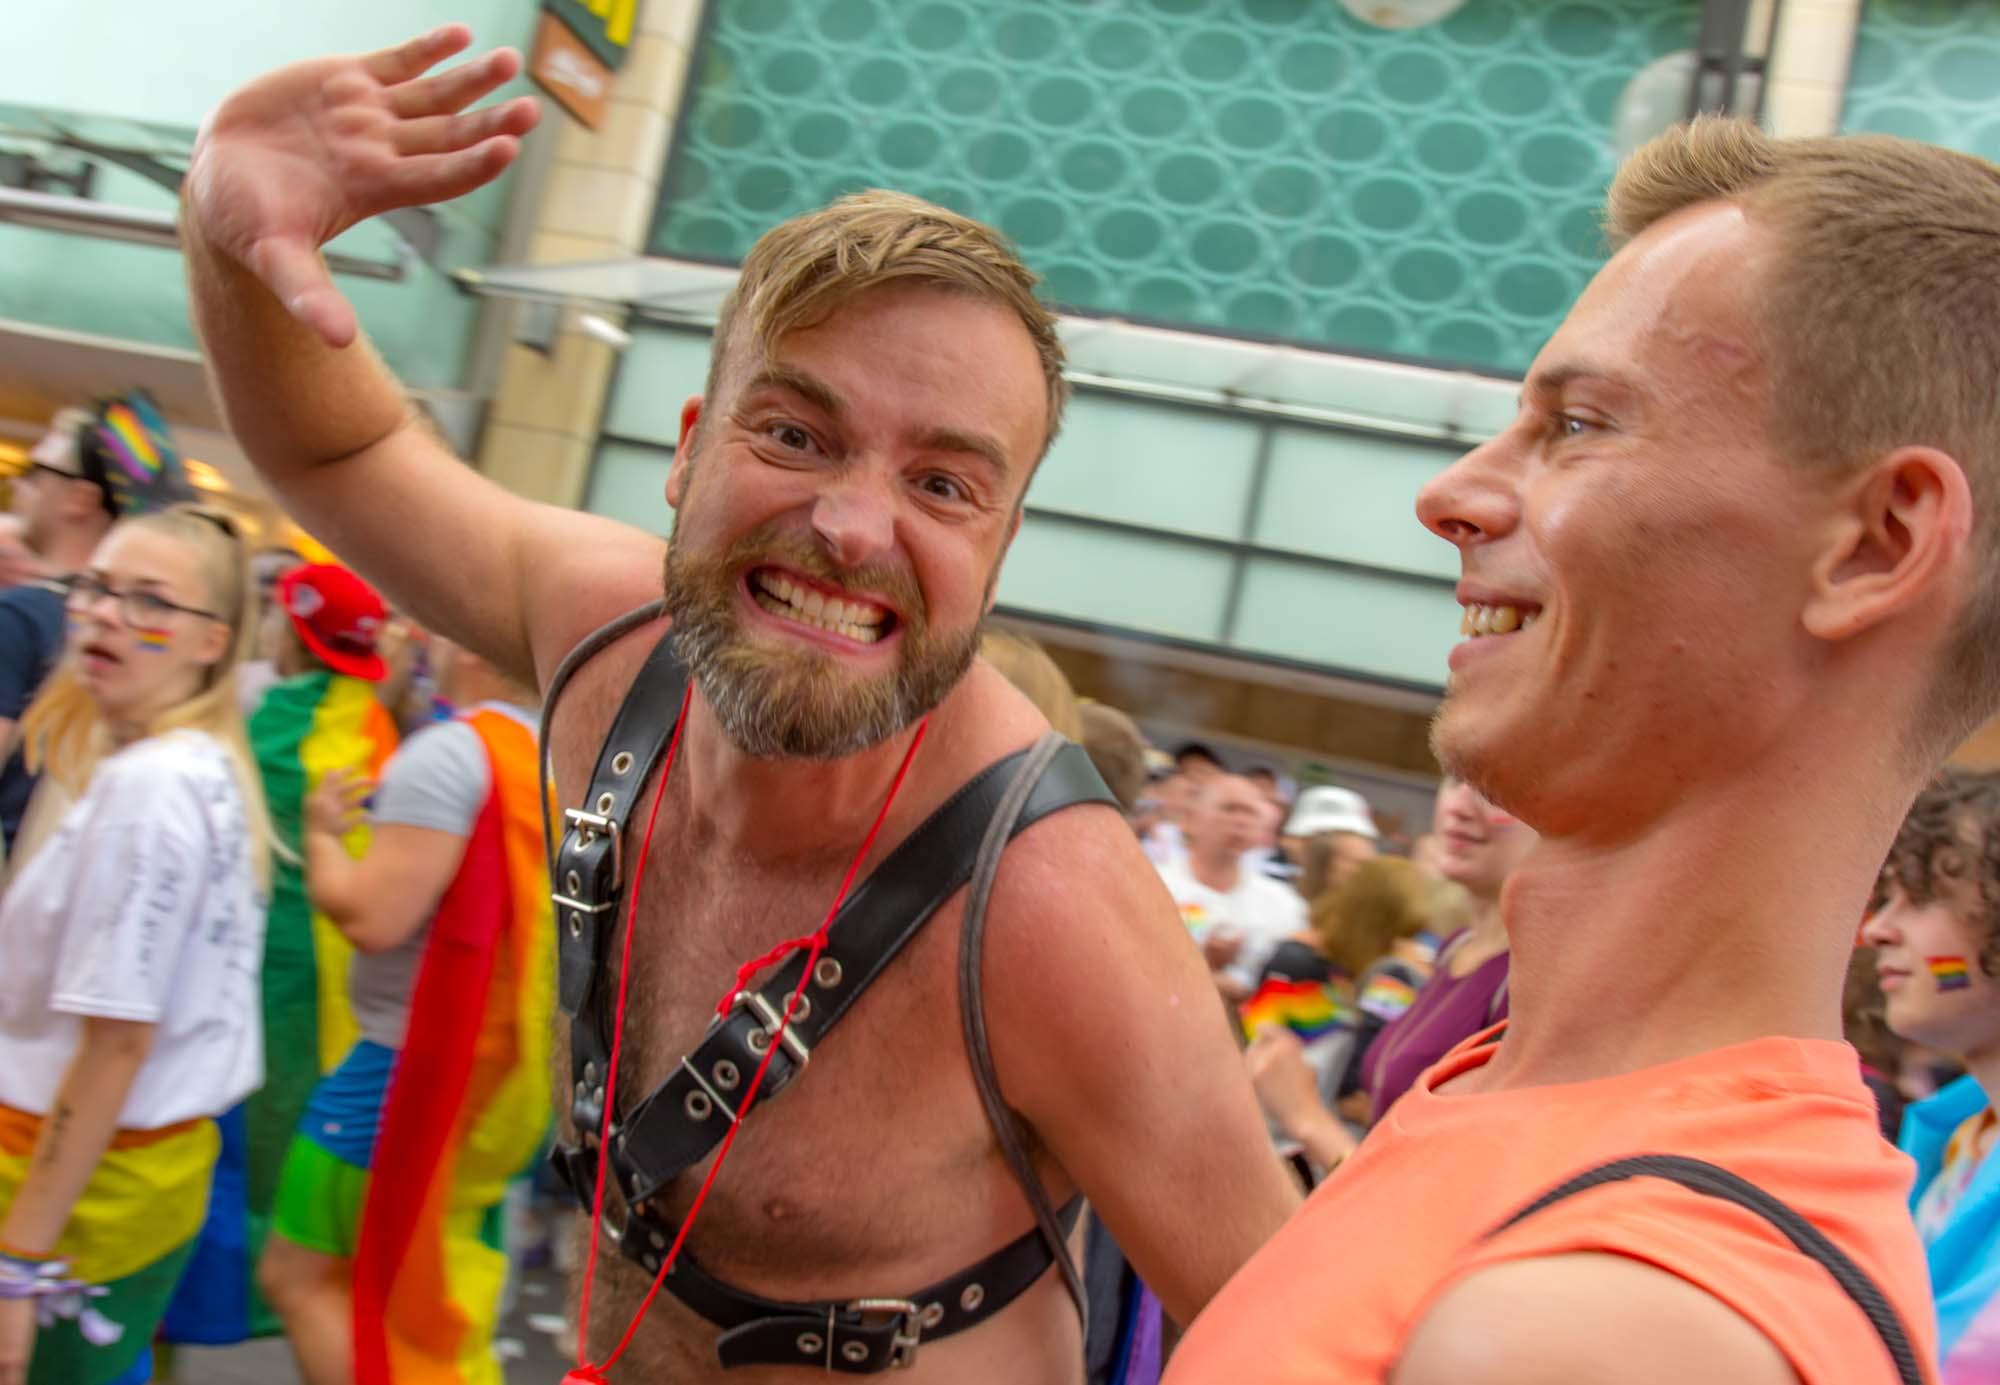 ColognePride 2019